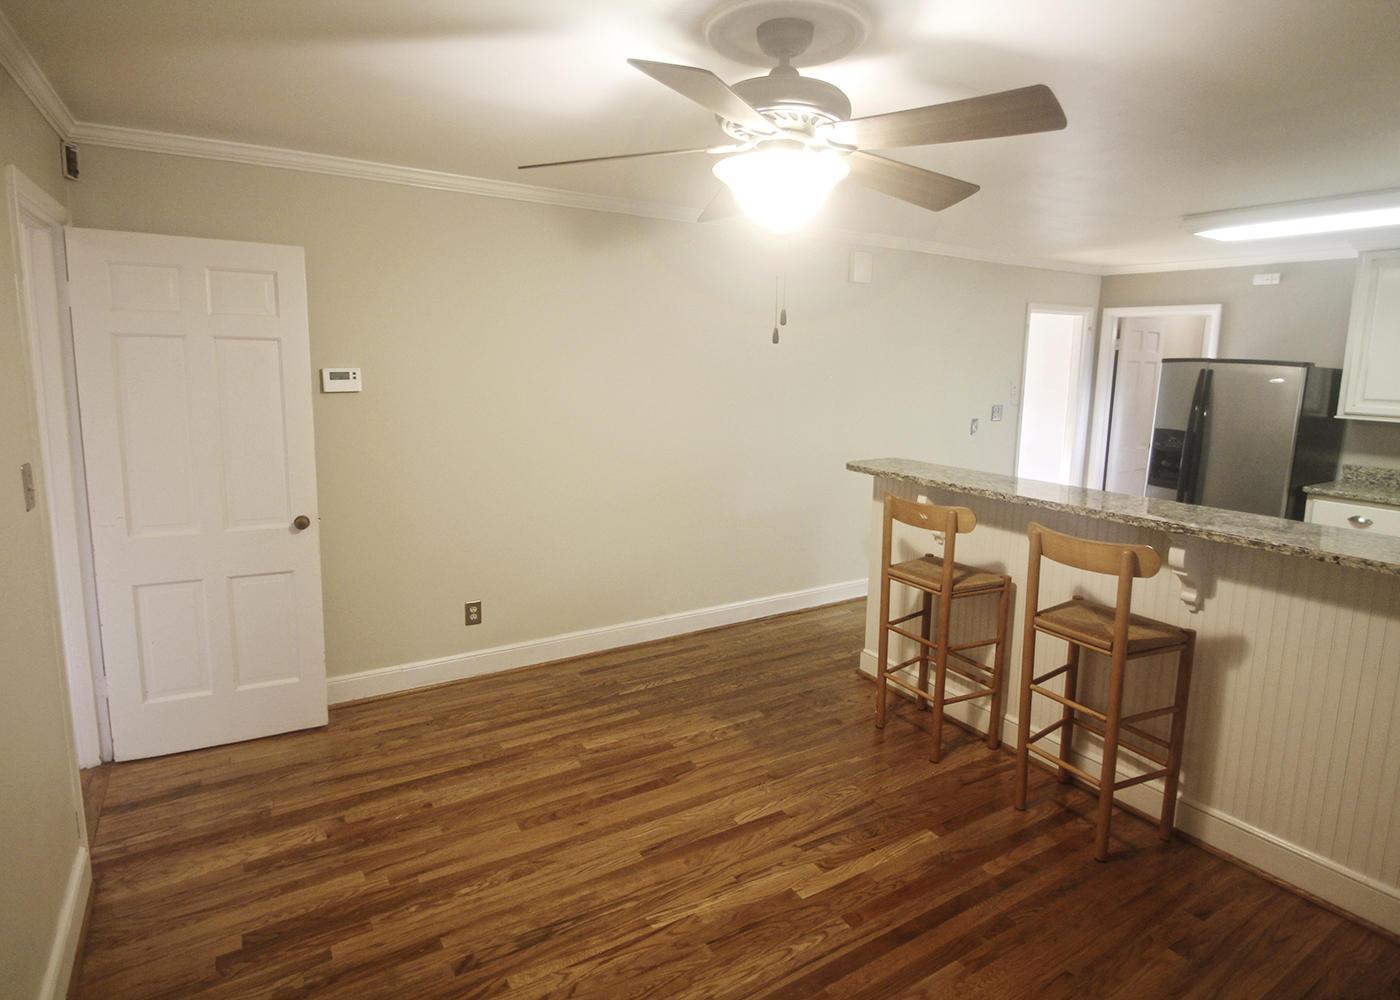 Moreland Homes For Sale - 802 Sheldon, Charleston, SC - 5